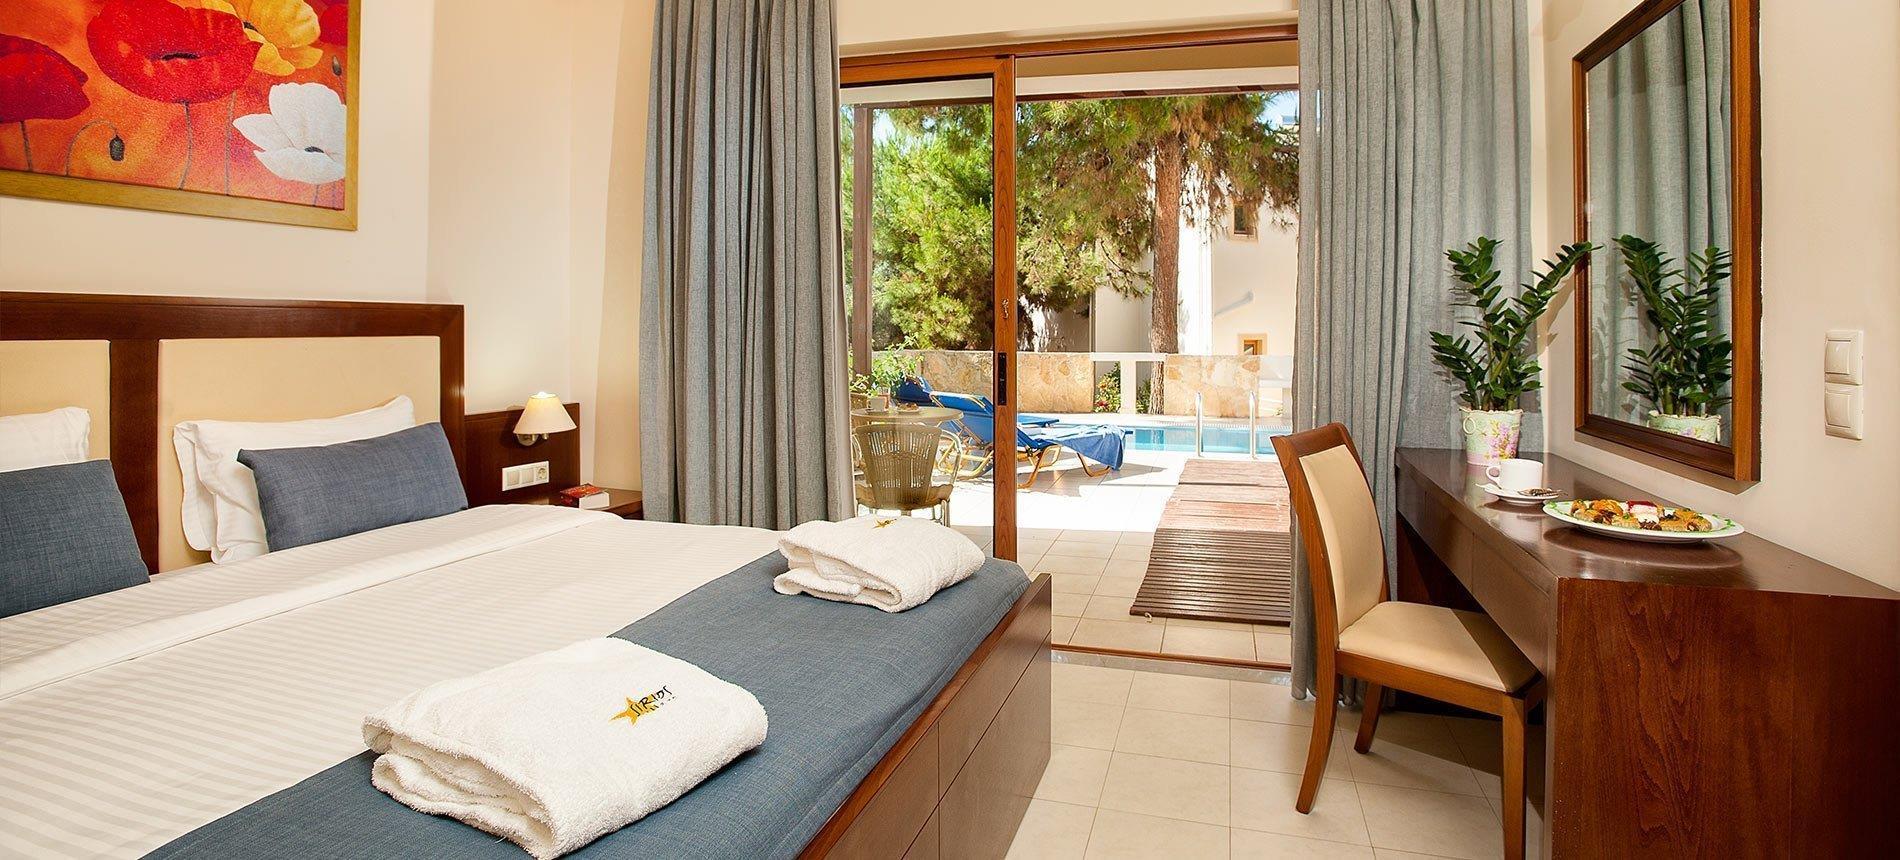 sirios-village-luxury-hotel-bungalows-genel-009